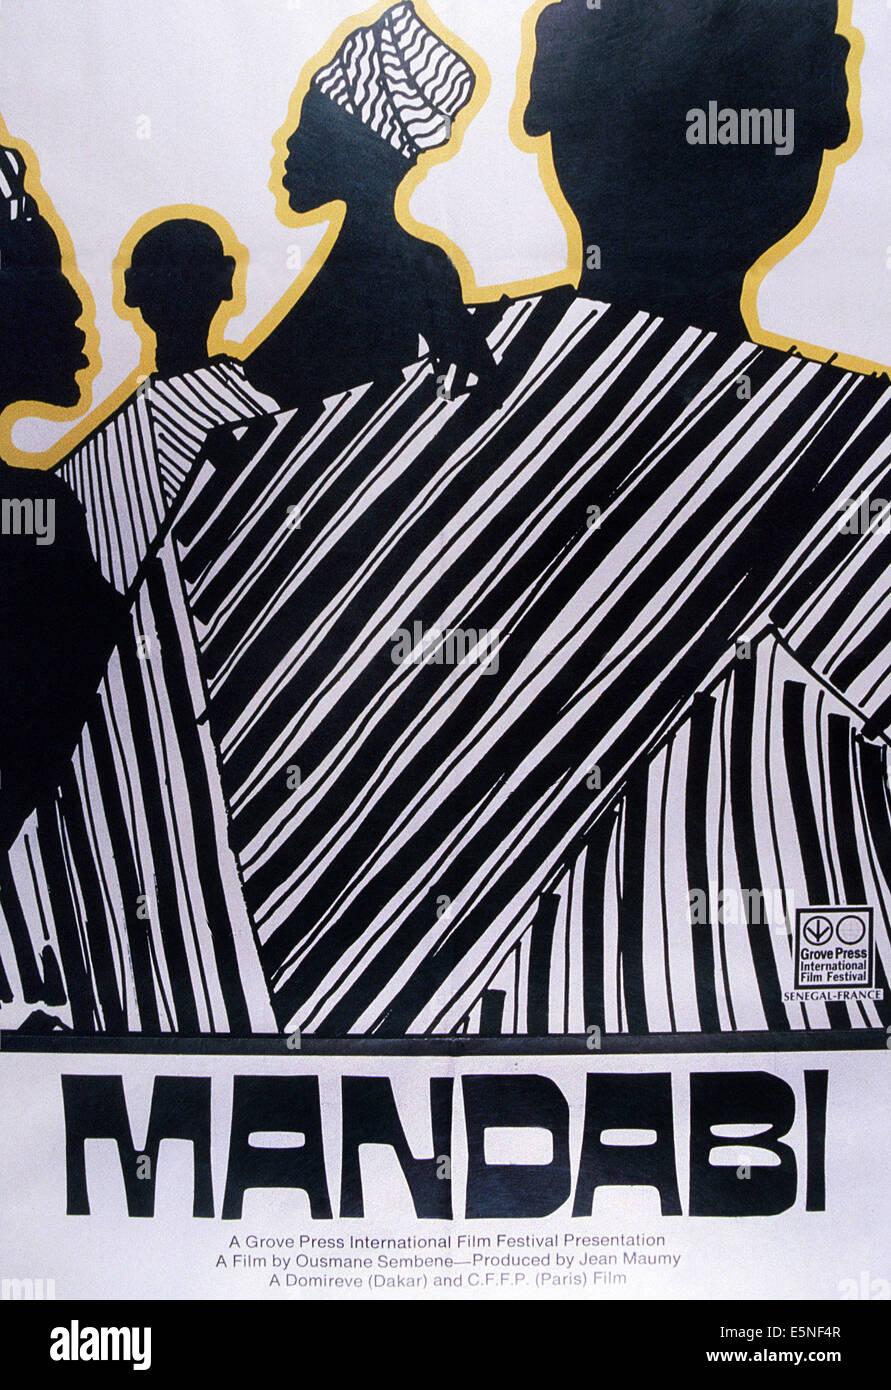 MANDABI, 1968 - Stock Image